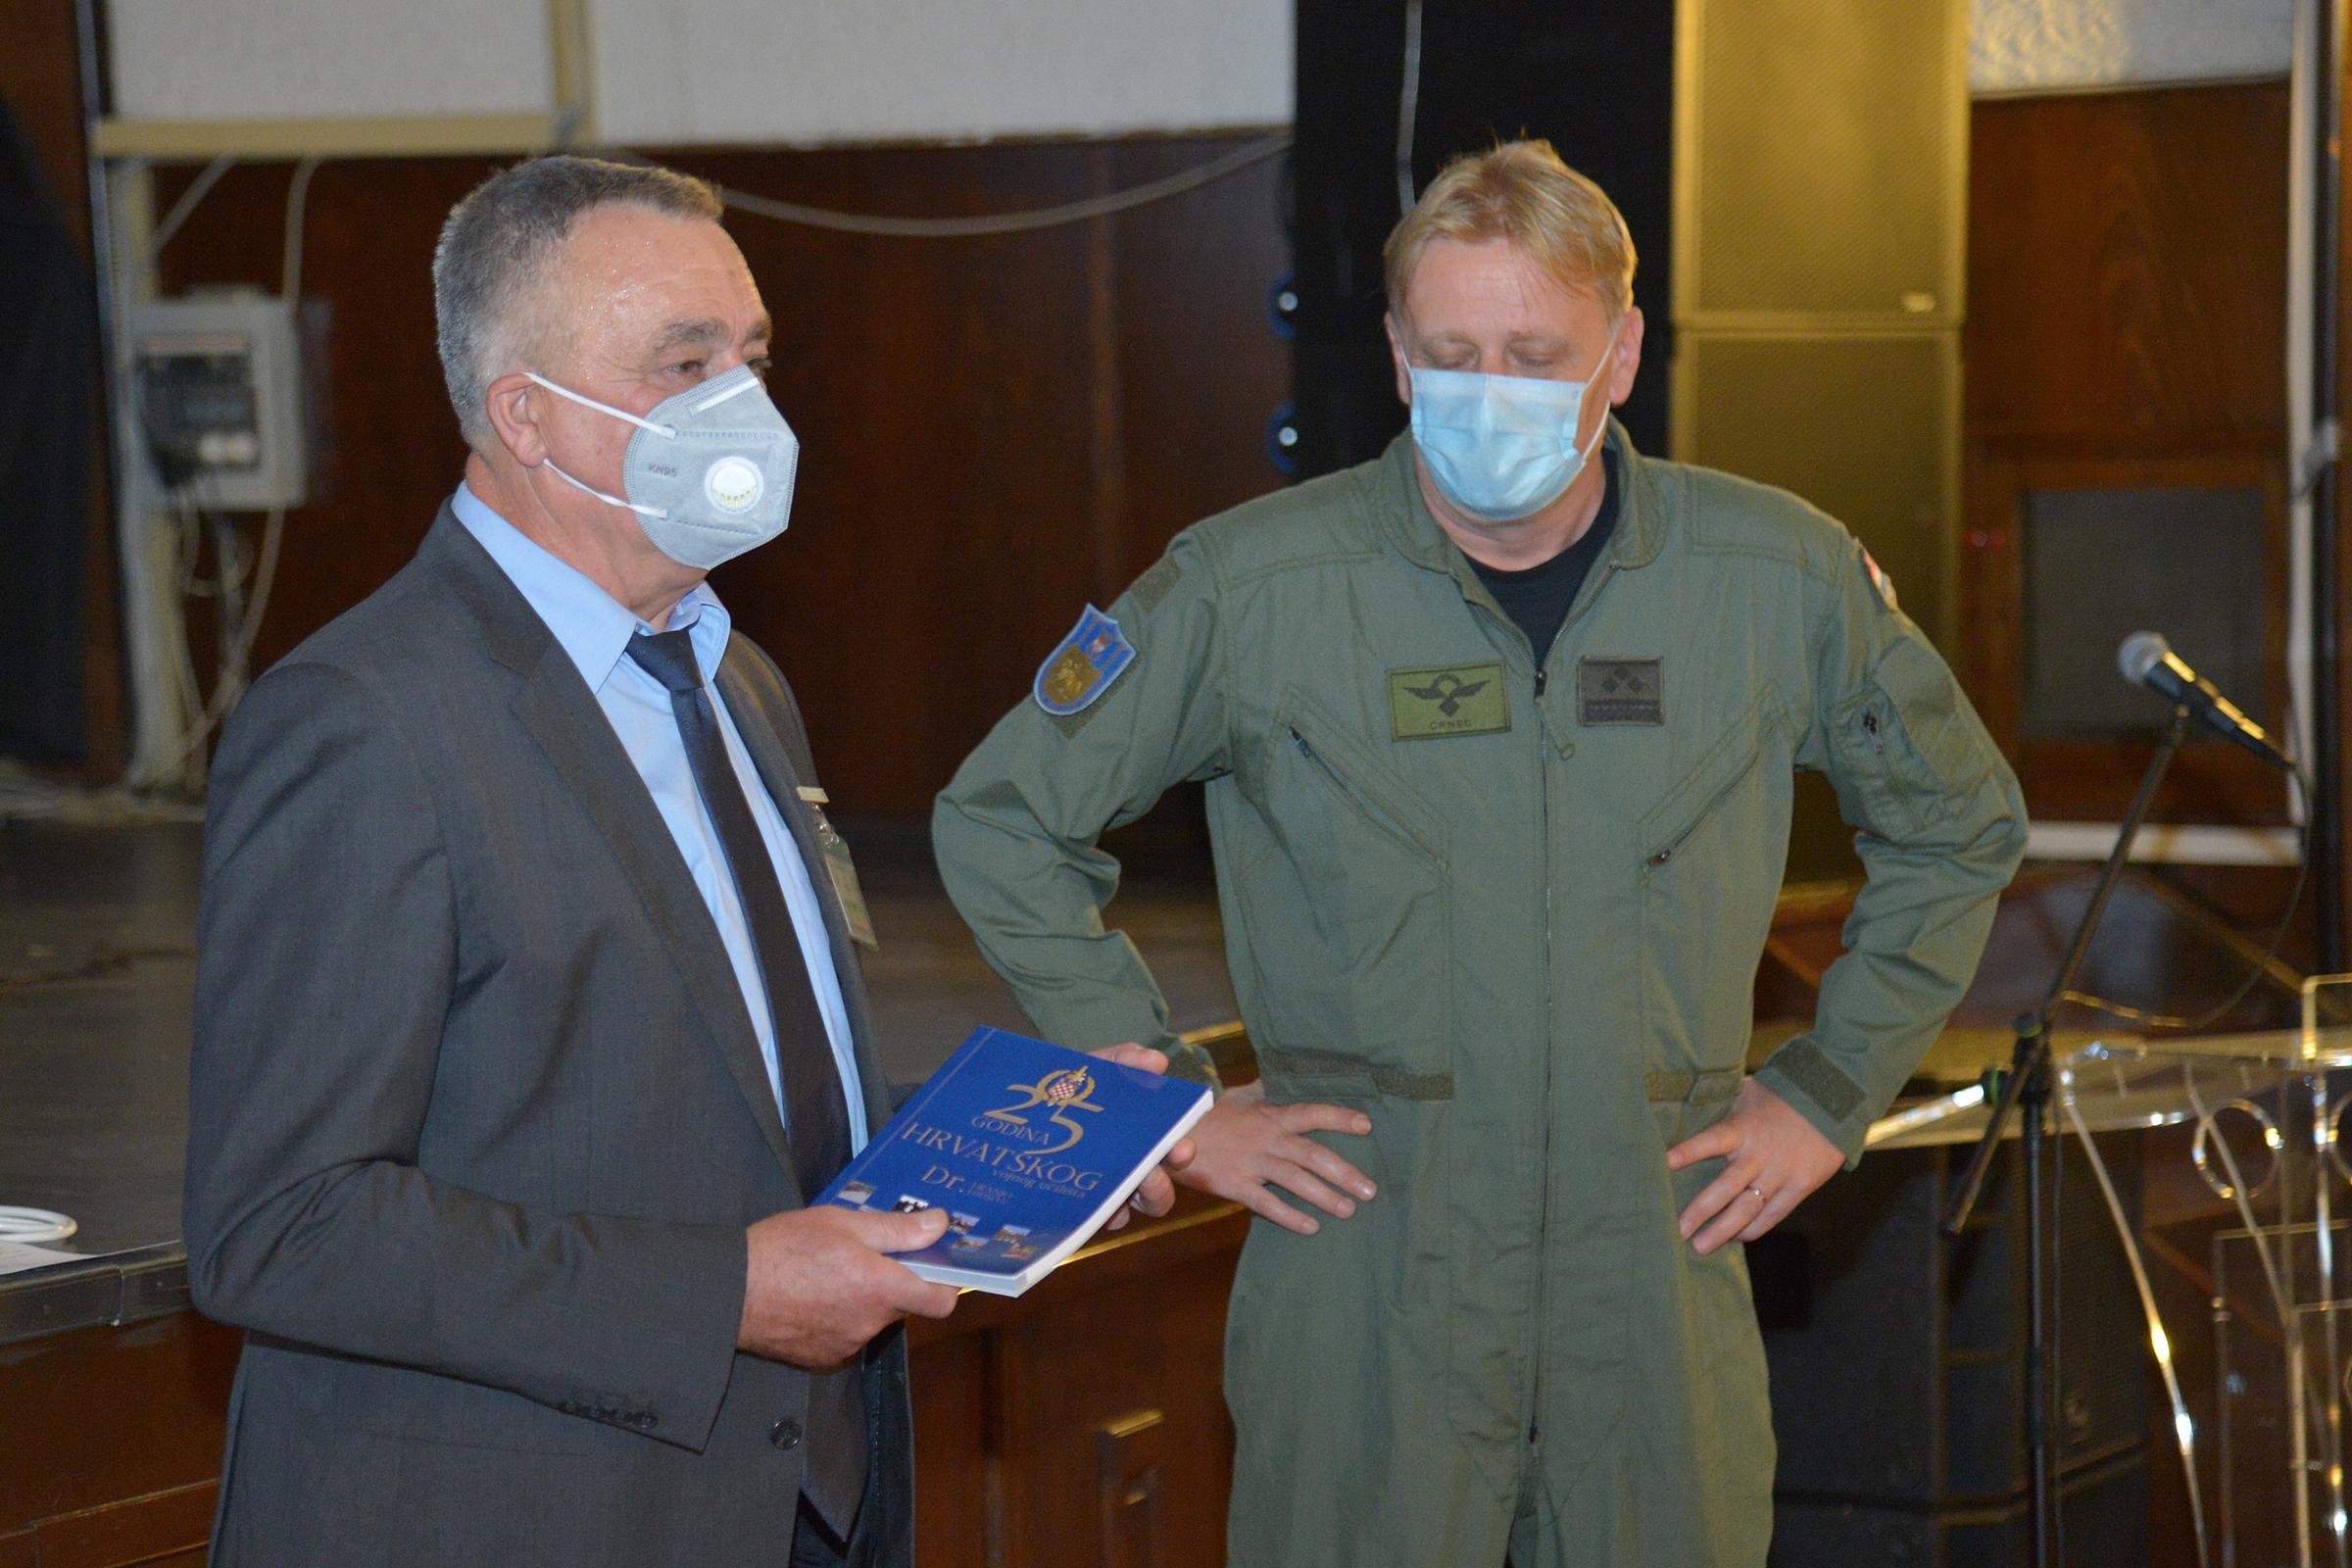 Posjet polaznika Ratne škole Upravi za materijalne resurse MORH-a